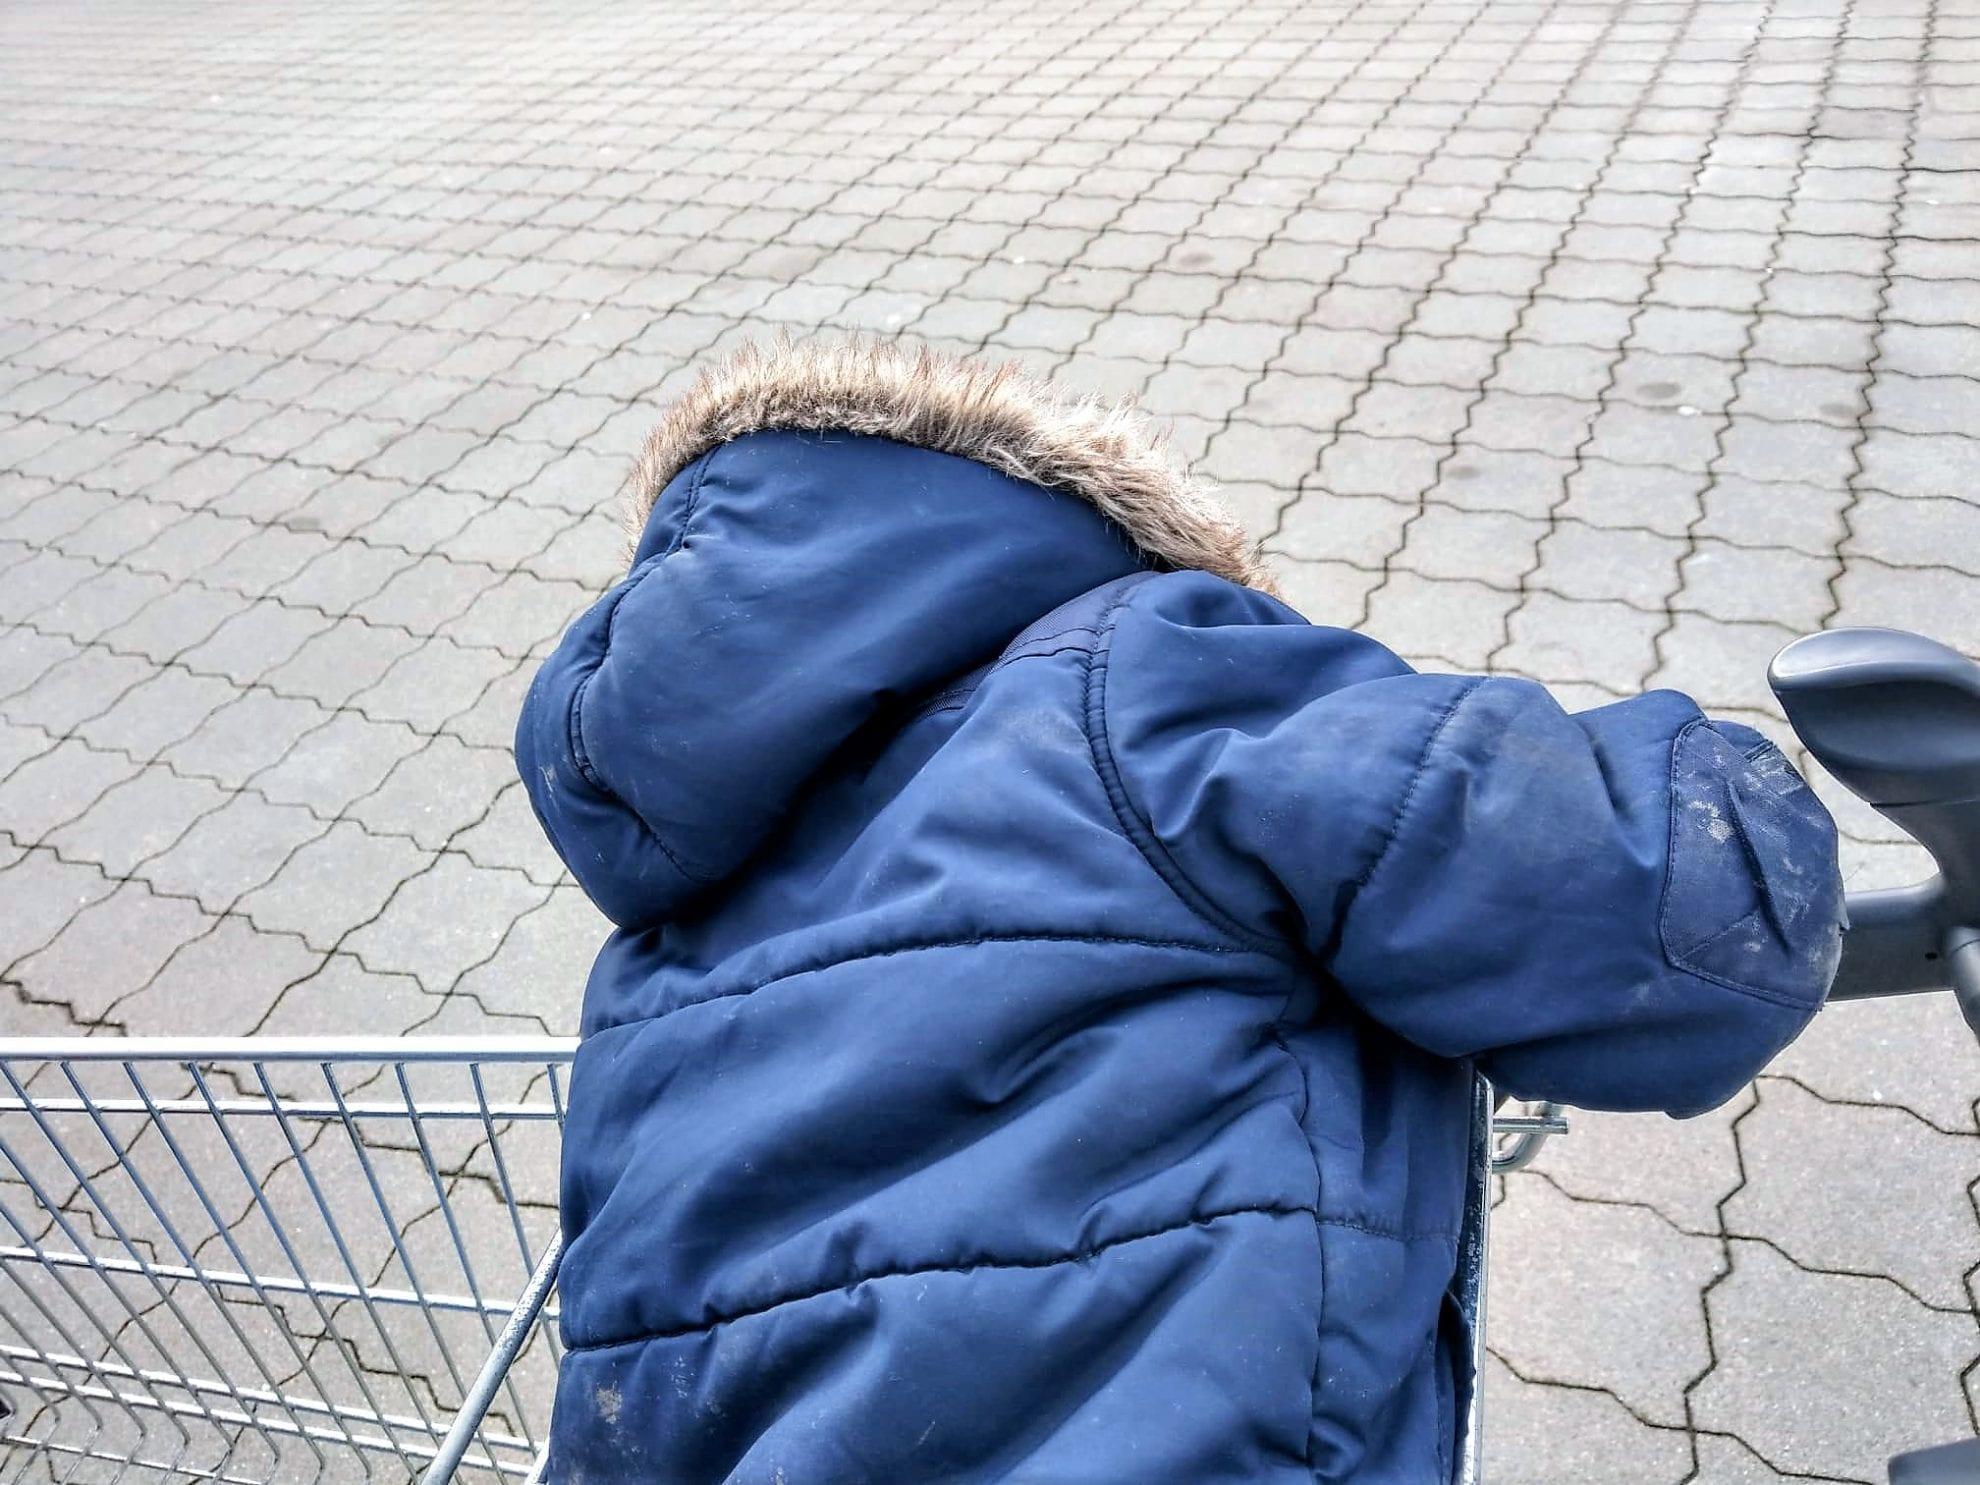 Einkaufen mit Kind, Tipps und Tricks für einen entspannten Einkauf im Mamablog Puddingklecks